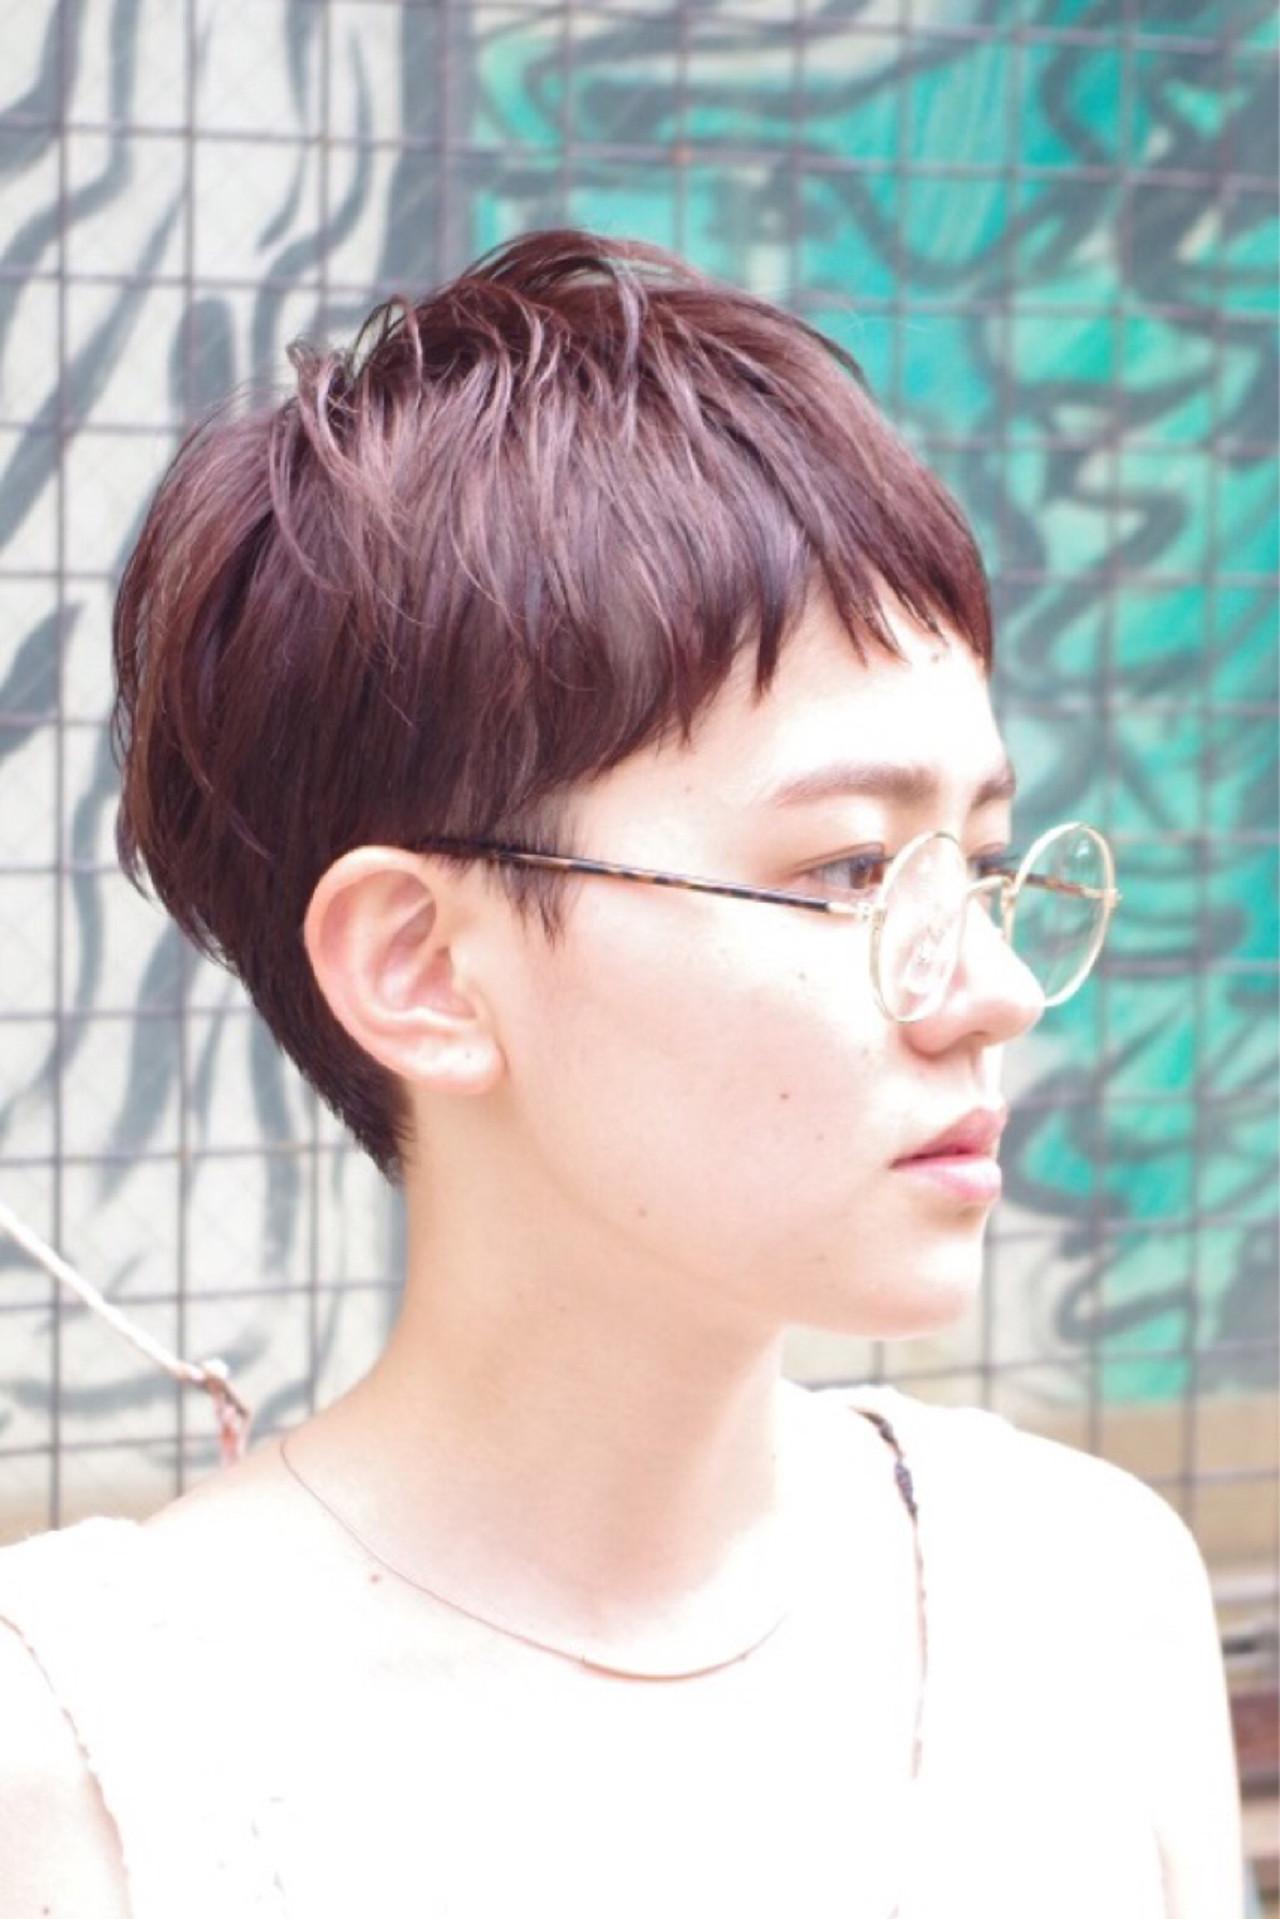 ハイライト ショート ピュア ウェットヘア ヘアスタイルや髪型の写真・画像